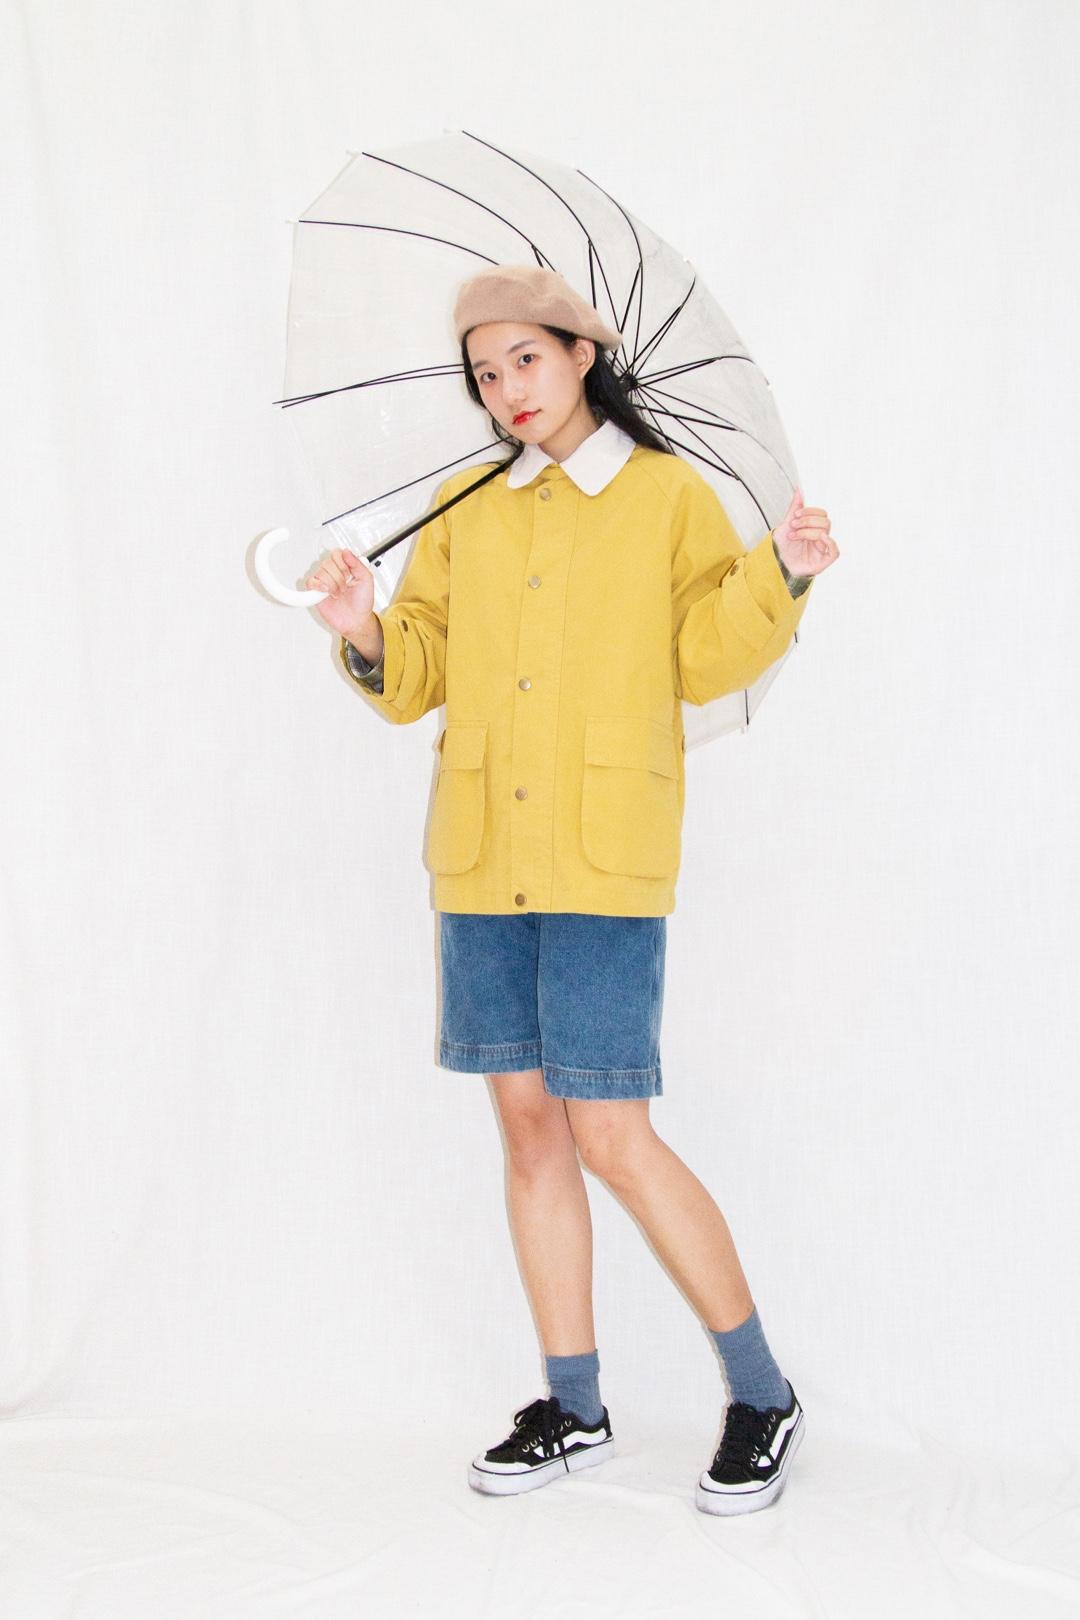 春天早晚温差大要做好保暖噢! #100件外套合集#